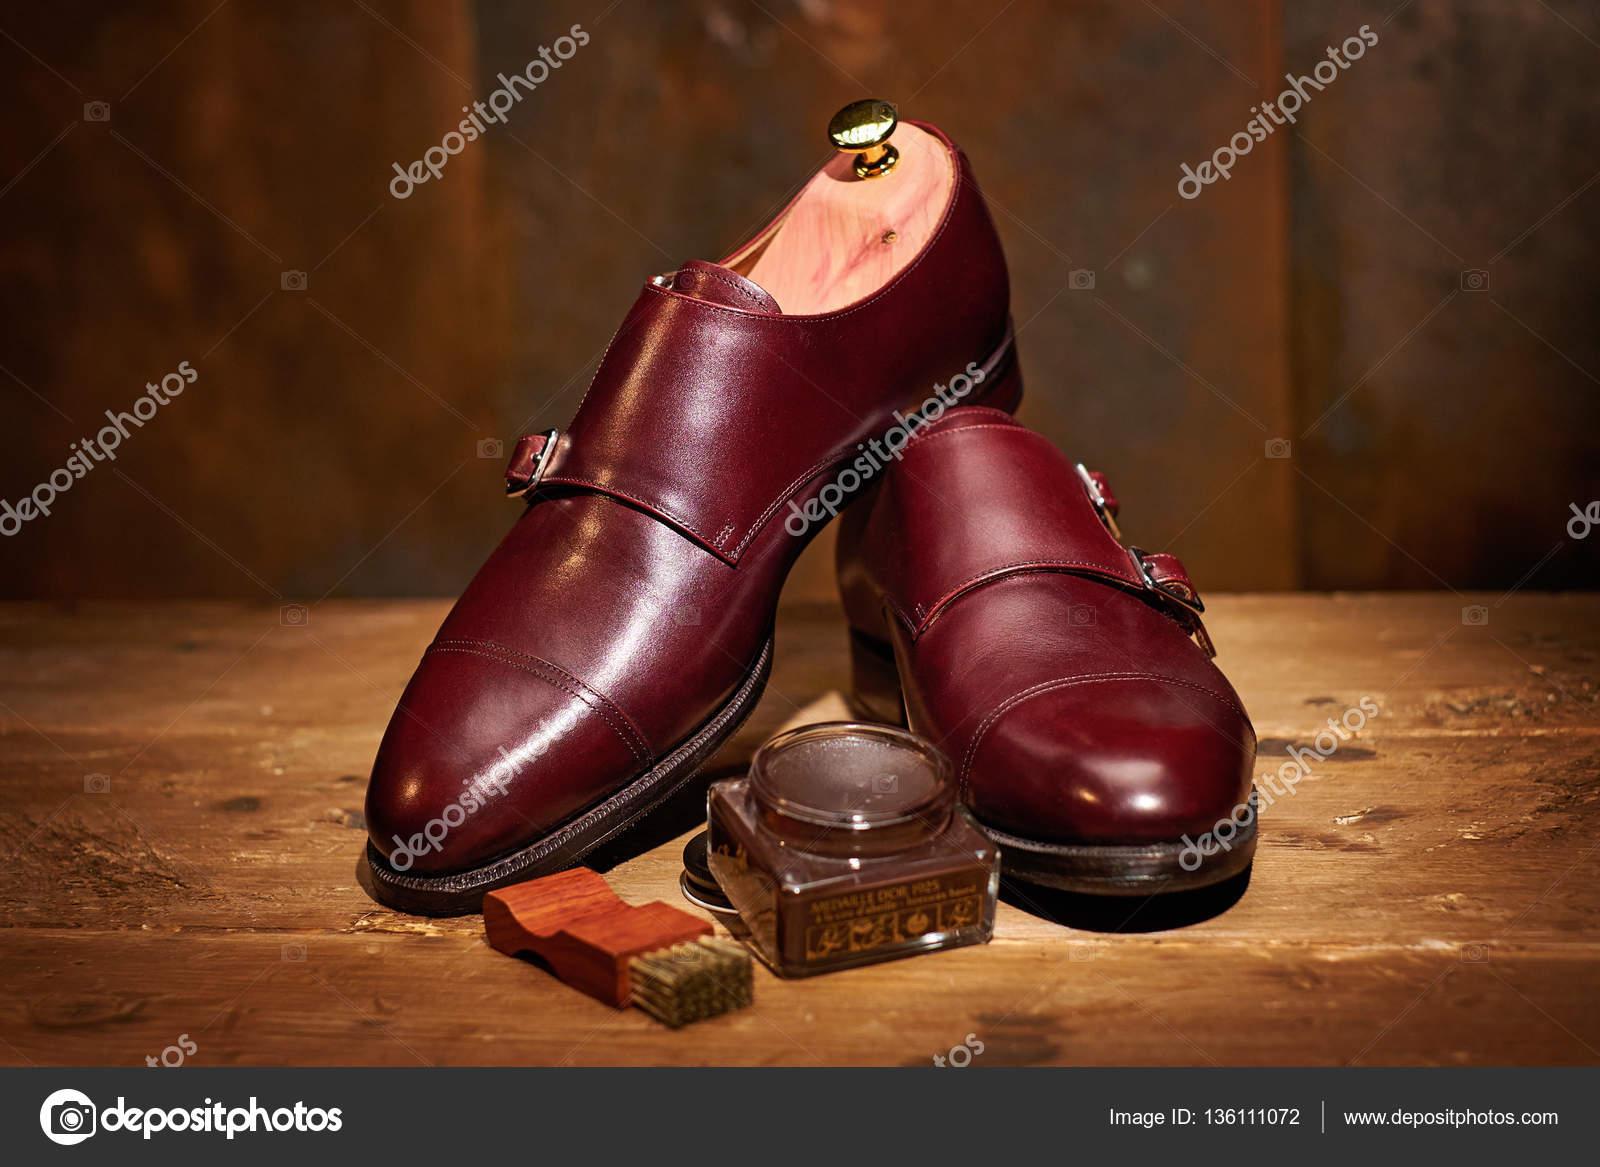 b0ce5bc2302 Ανδρικά δερμάτινα παπούτσια και αξεσουάρ περιποίησης υποδημάτων– εικόνα  αρχείου